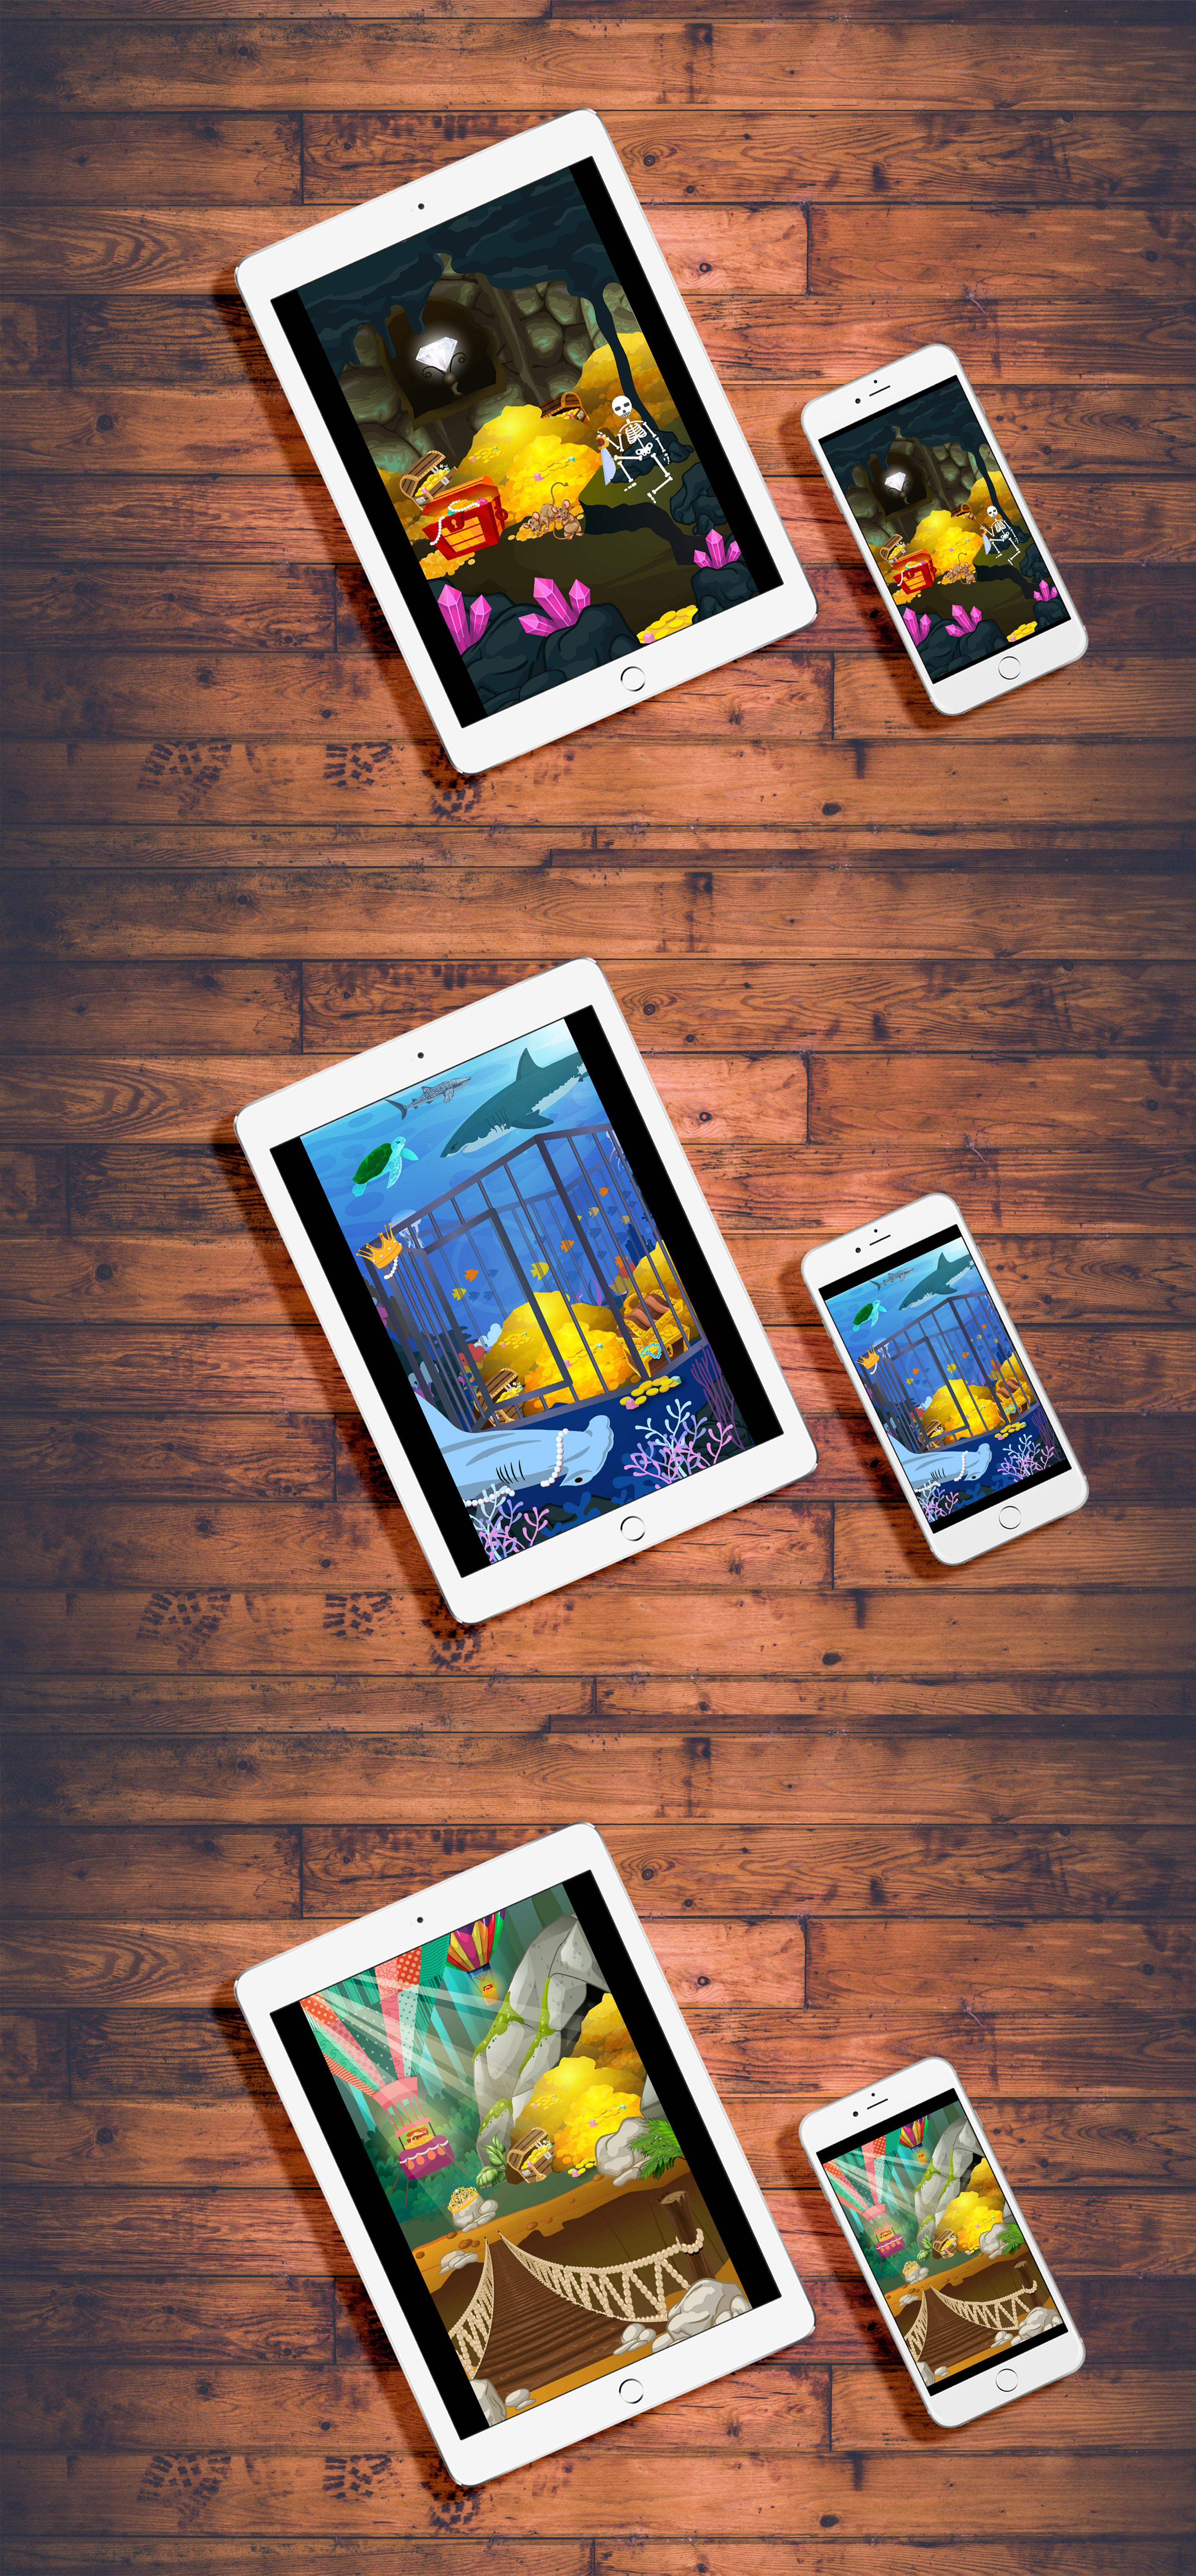 Комнаты сокровищ - игра для приложения